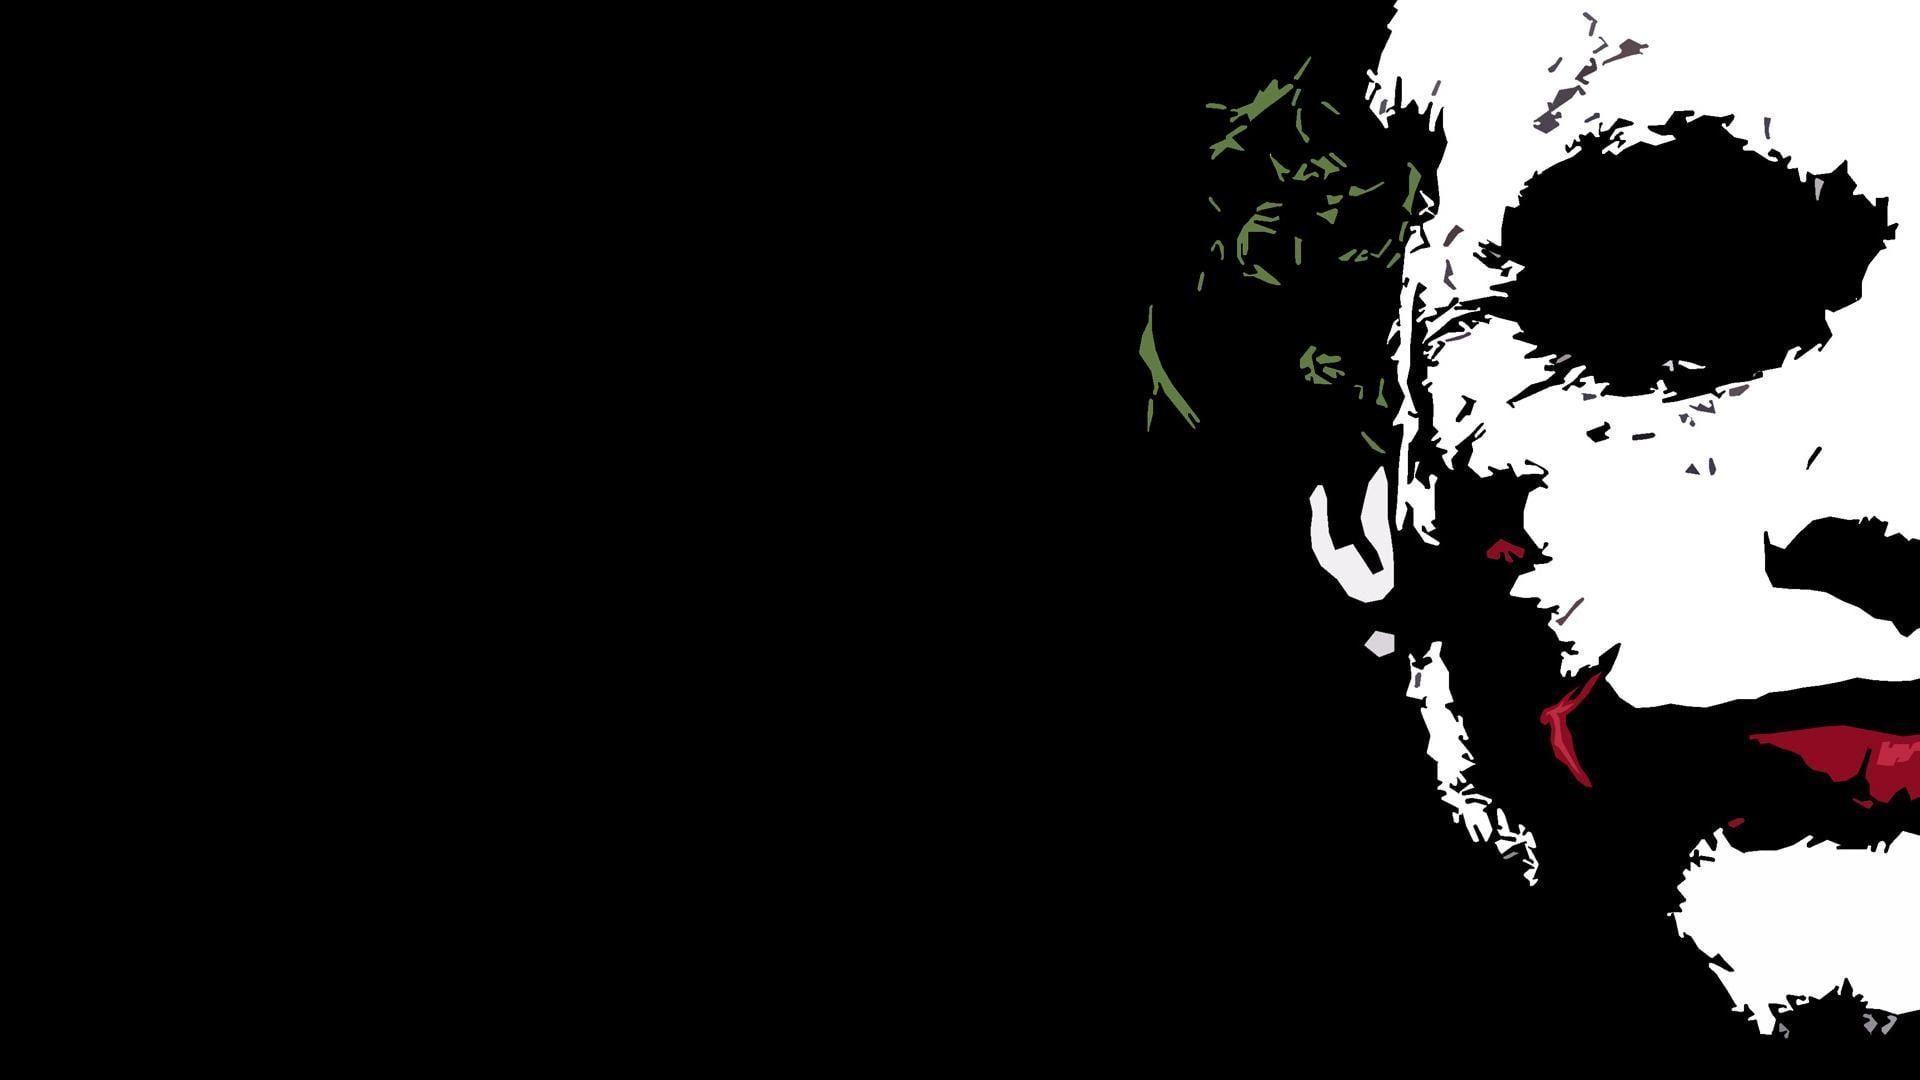 Joker Widescreen Backgrounds 1080p Wallpaper Hdwallpaper Desktop In 2021 Joker Hd Wallpaper Joker Wallpapers Joker Iphone Wallpaper